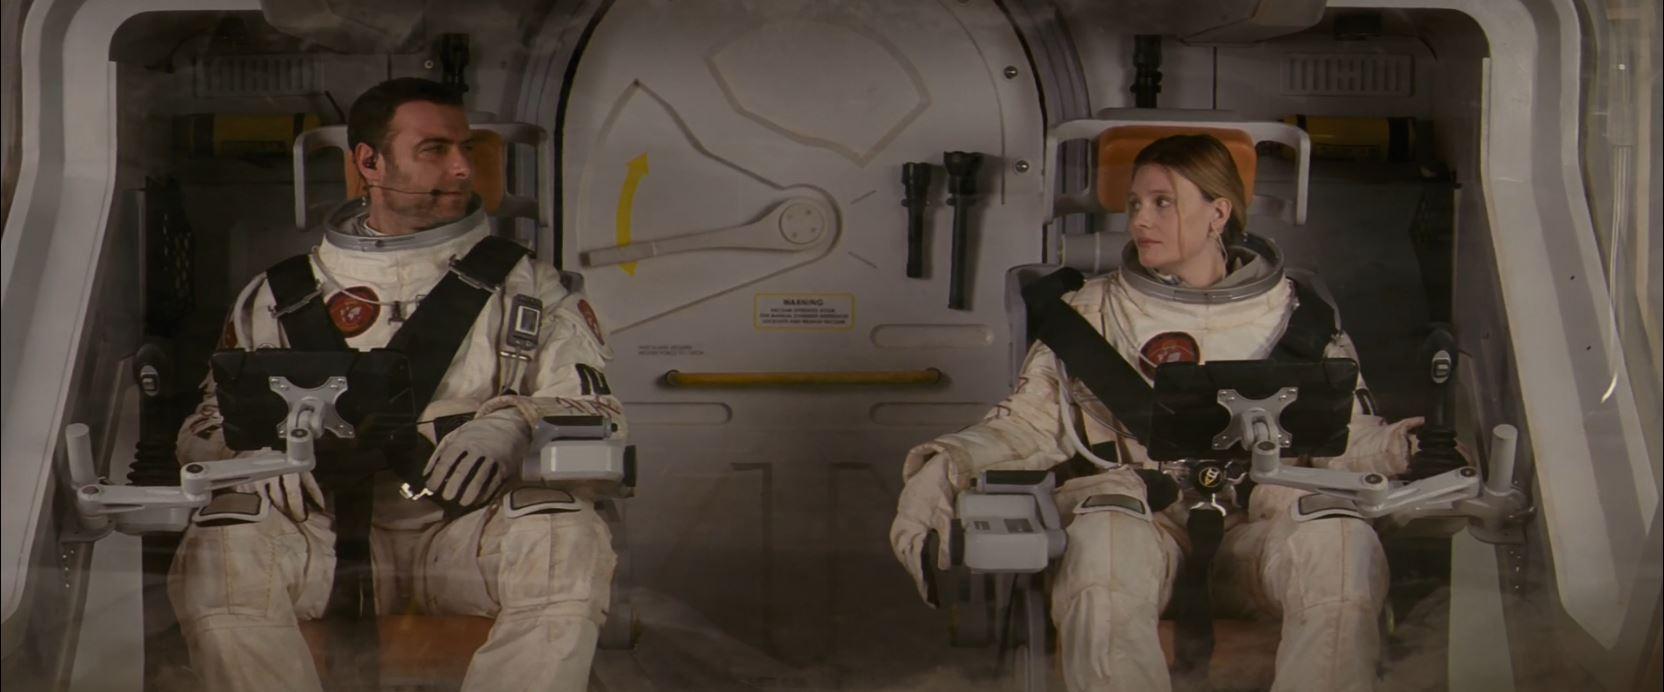 Romola Garai and Liev Schreiber in The Last Days On Mars